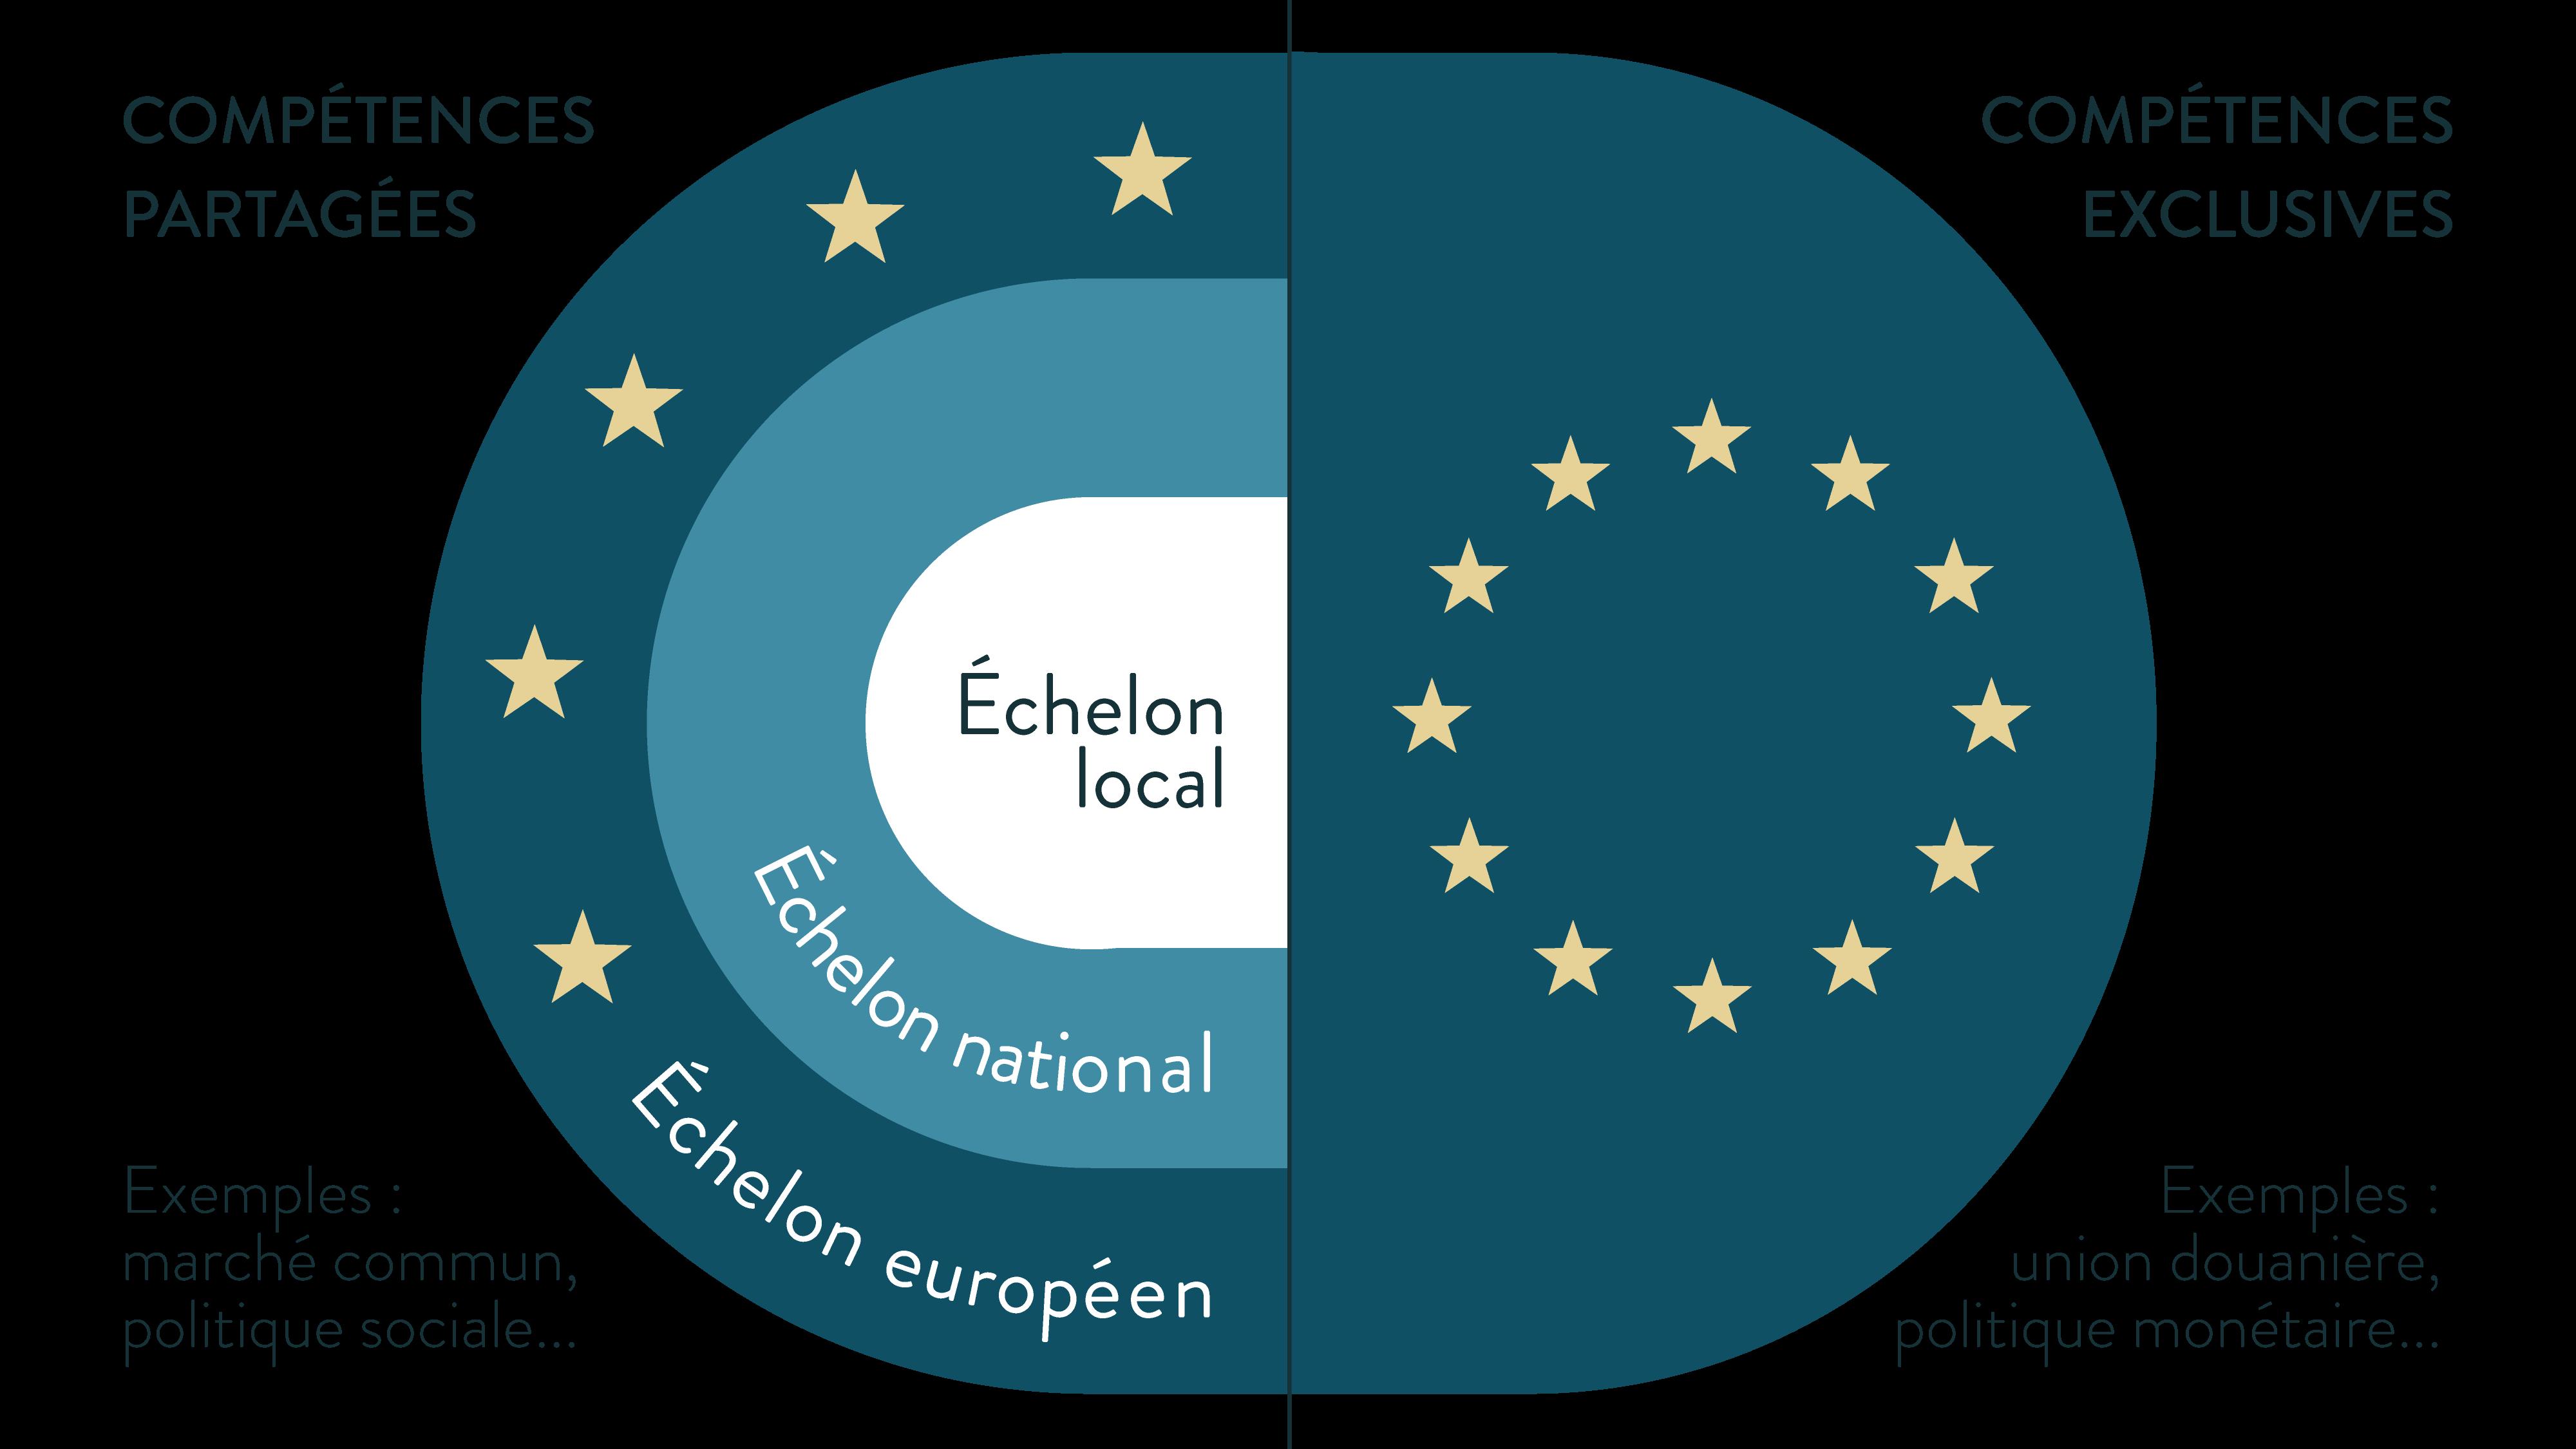 Compétences partagées et compétences exclusives union européenne ses terminale